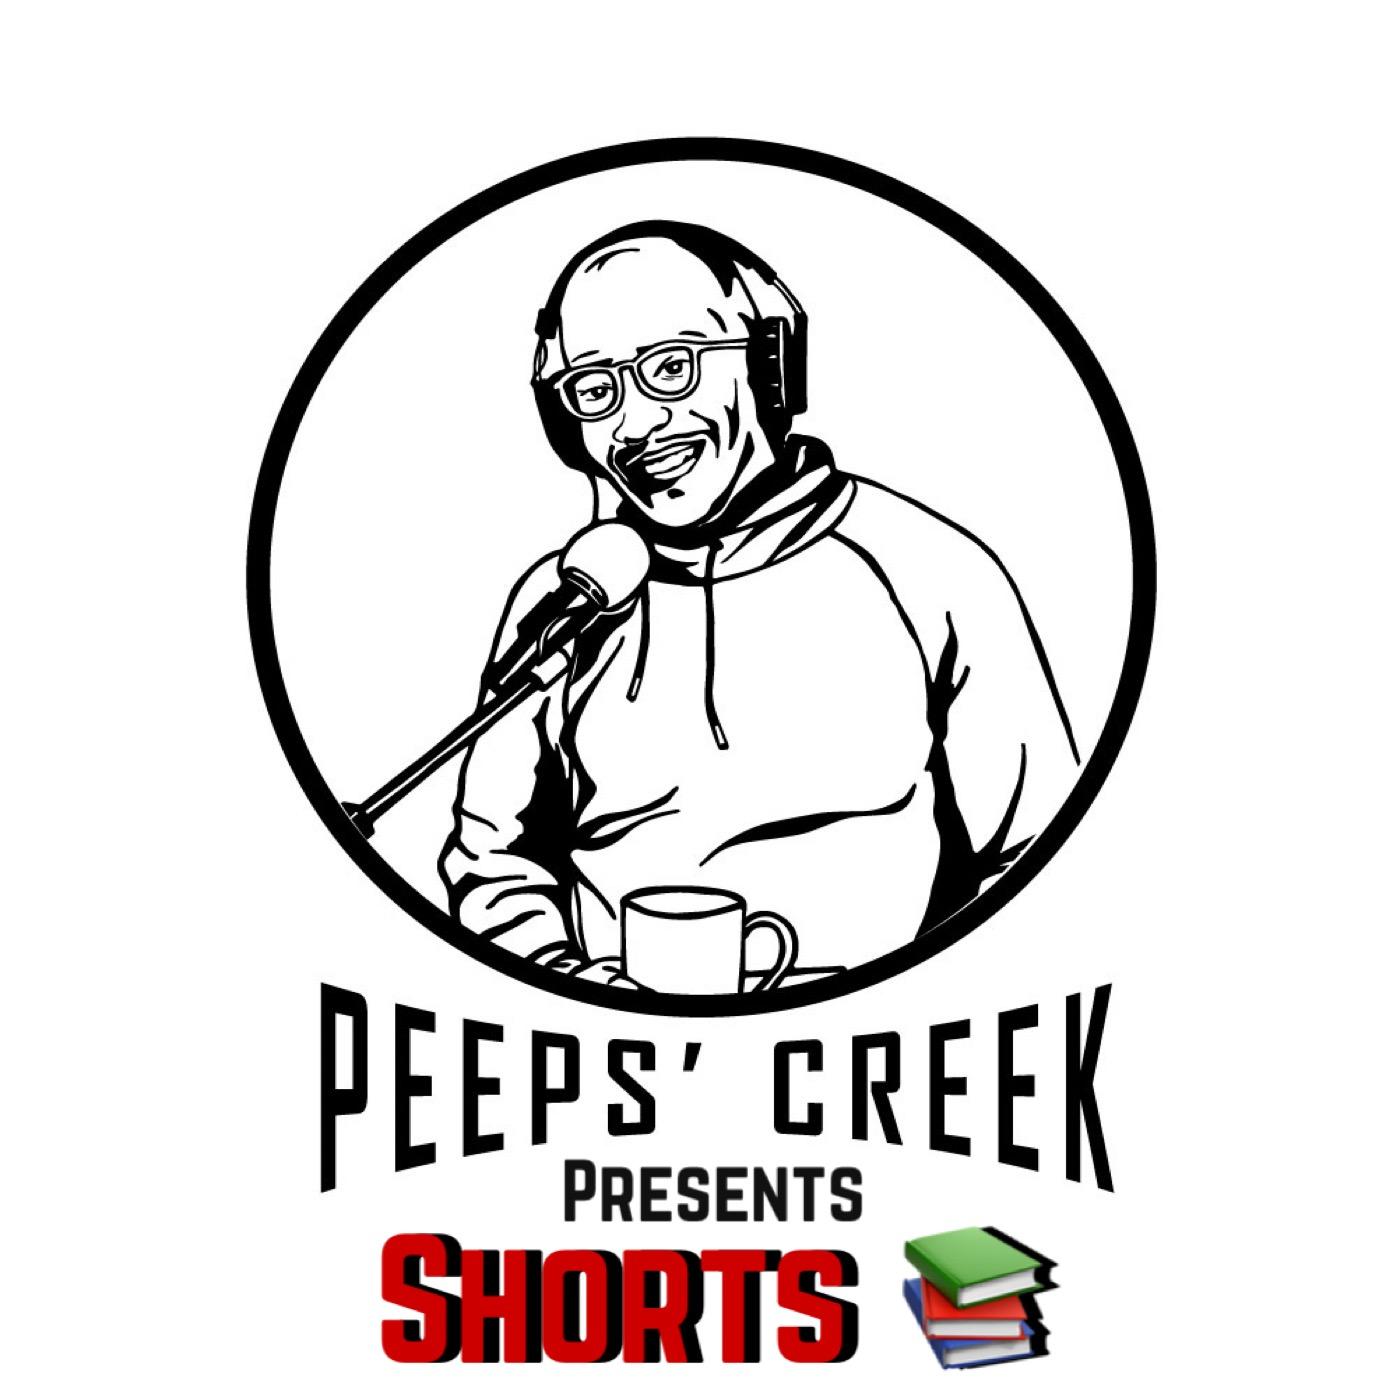 Peeps' Creek Presents: Shorts